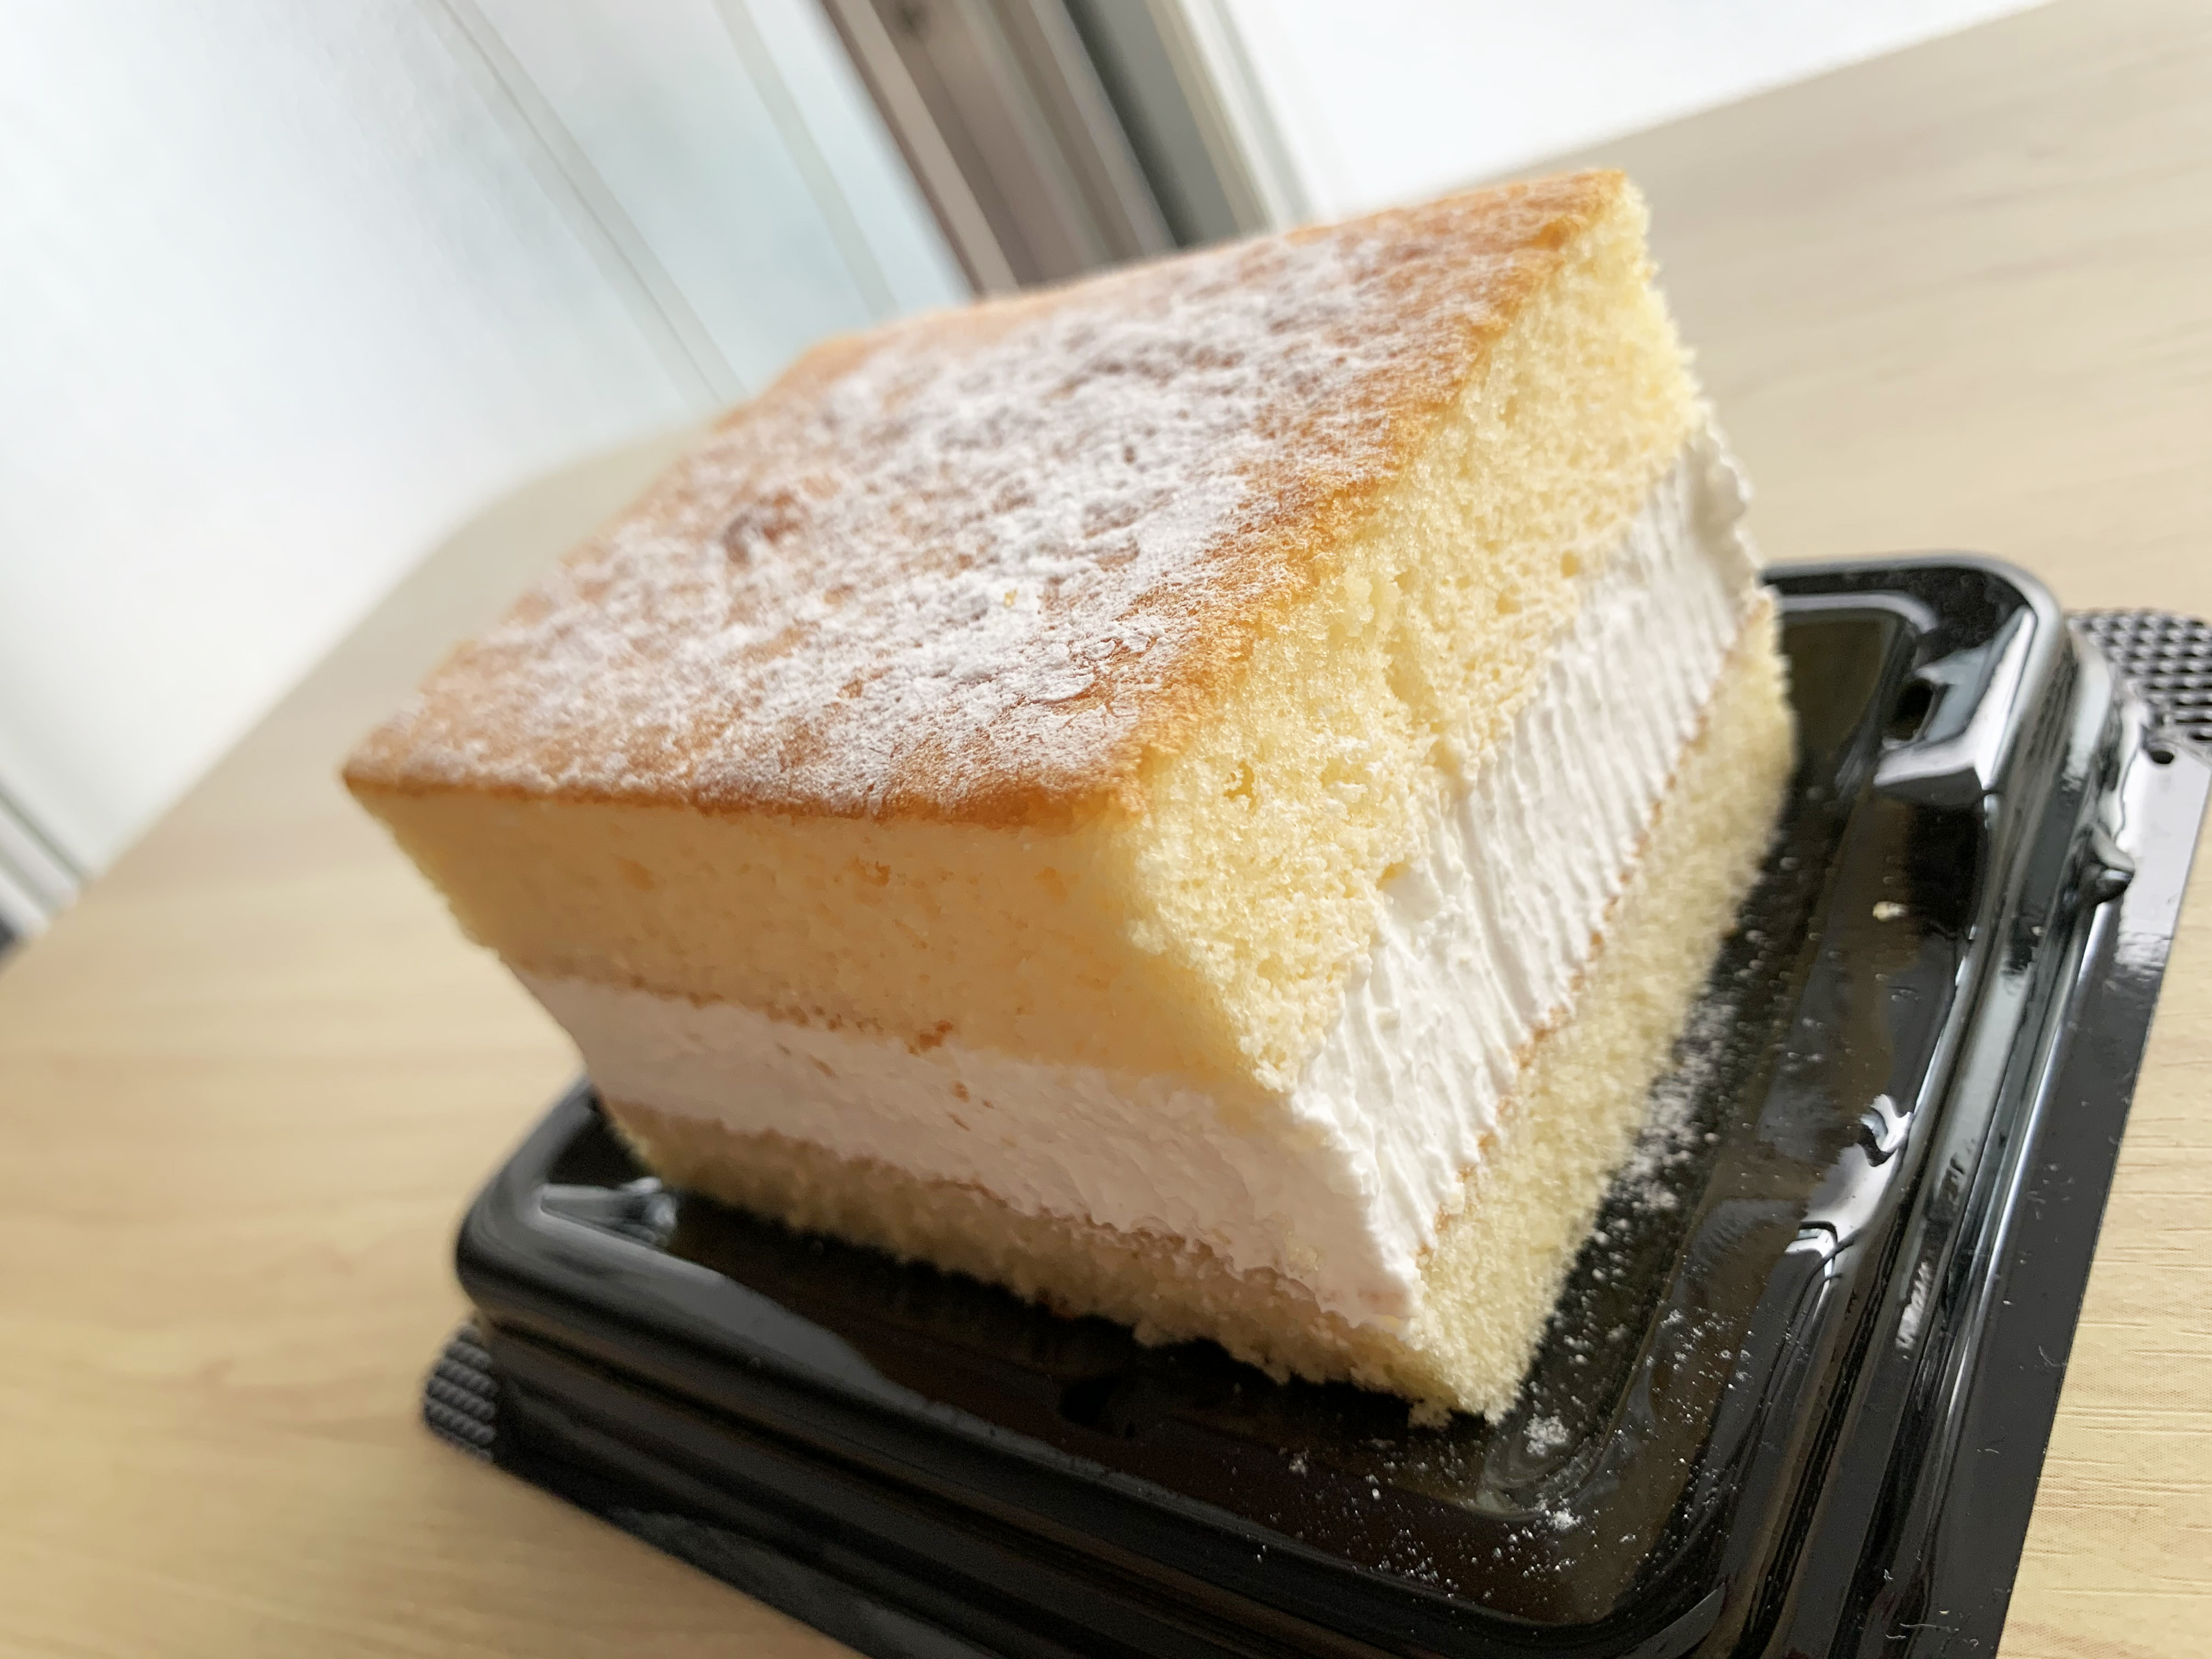 【魔性】セブンイレブン限定「とろ生ケーキクリーミーチーズ」が罪深すぎる味! 舌が甘やかされすぎてモンテールのために国を滅ぼすレベル